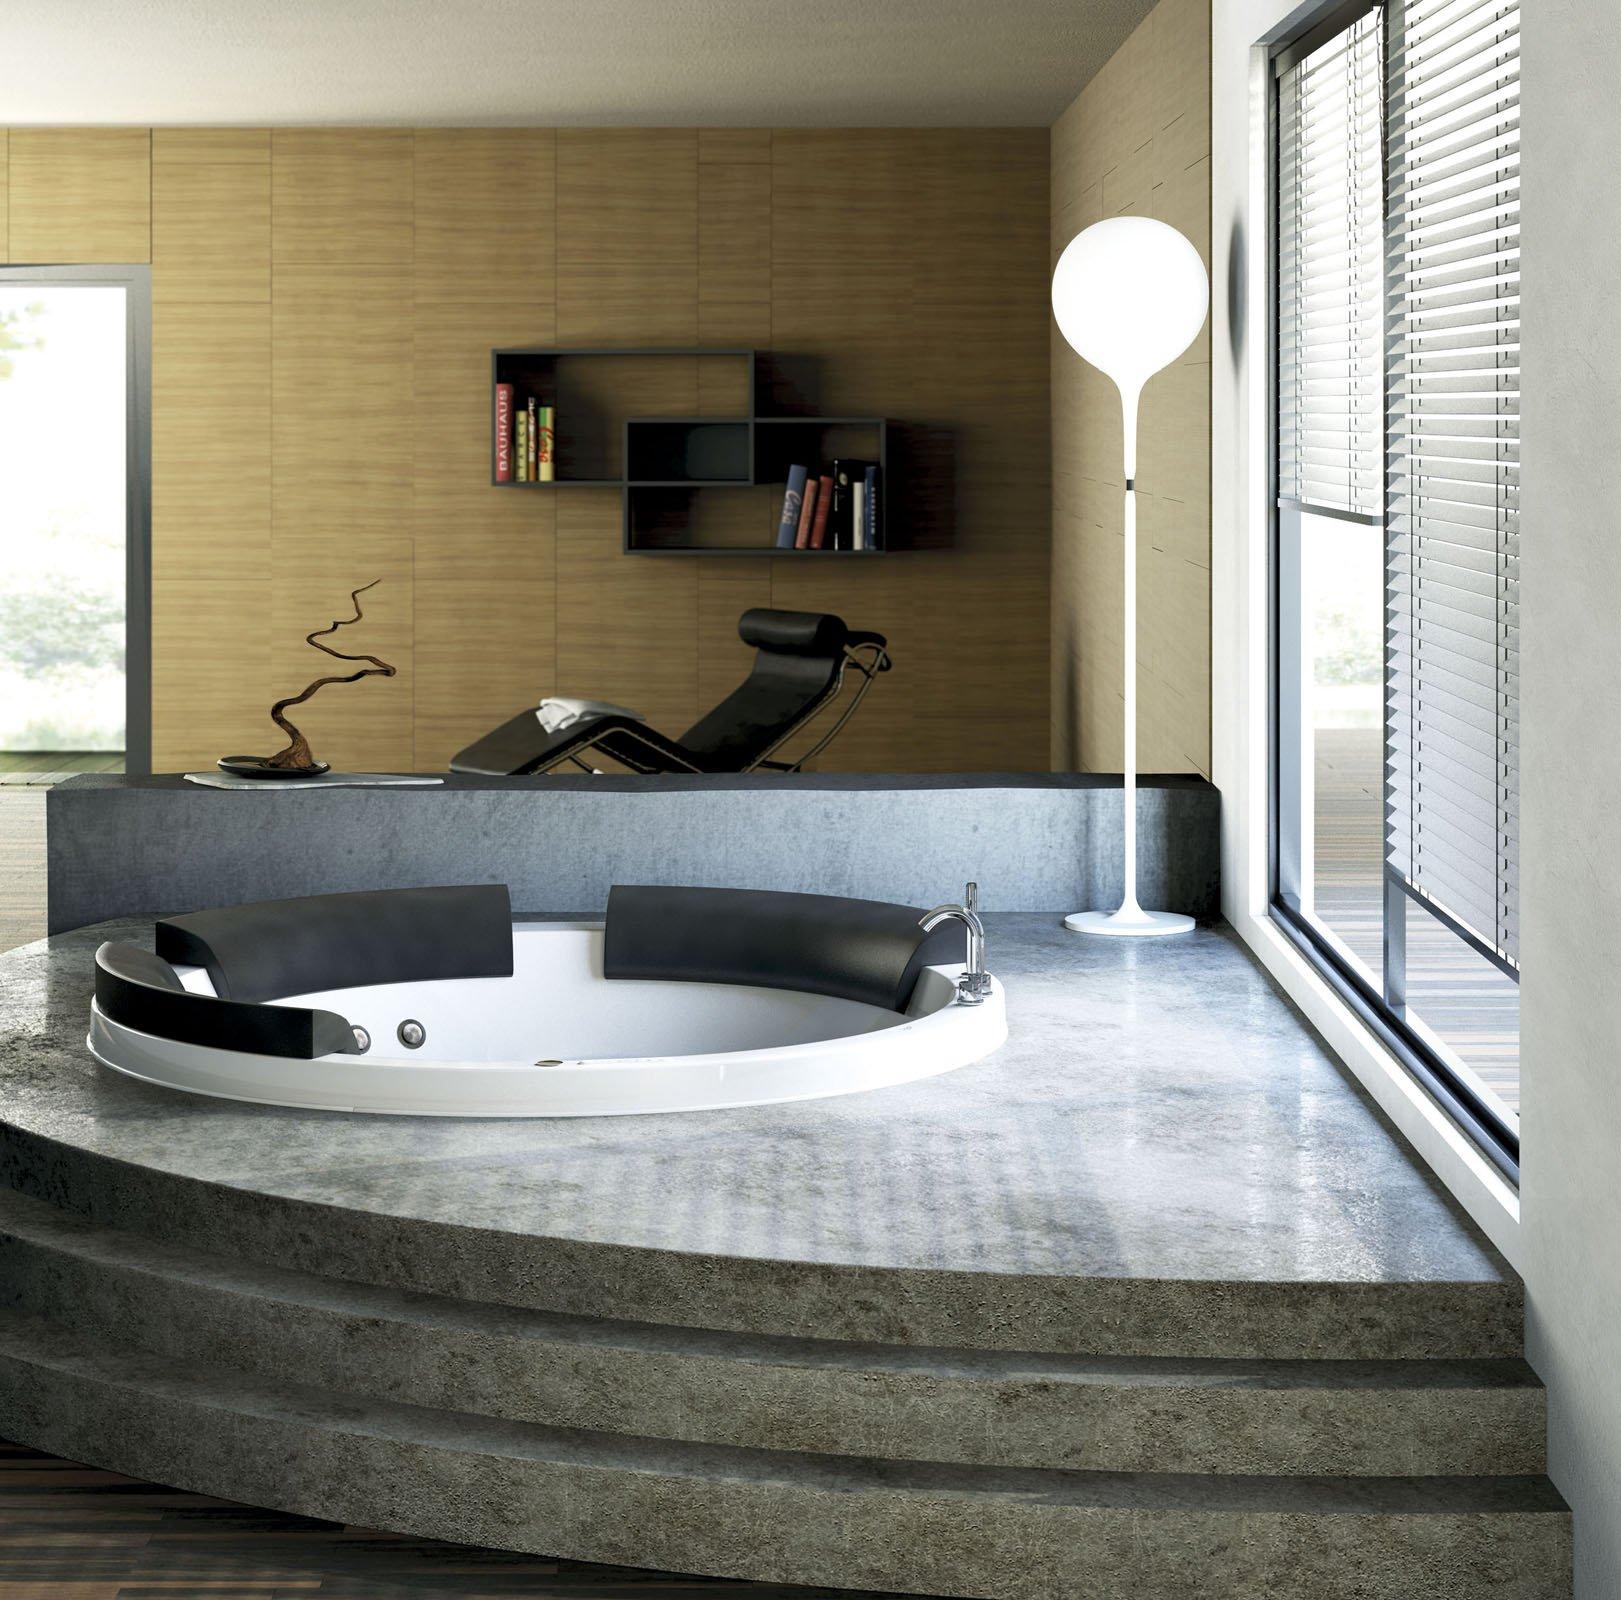 Le vasche idromassaggio cose di casa for Vasca ideal standard